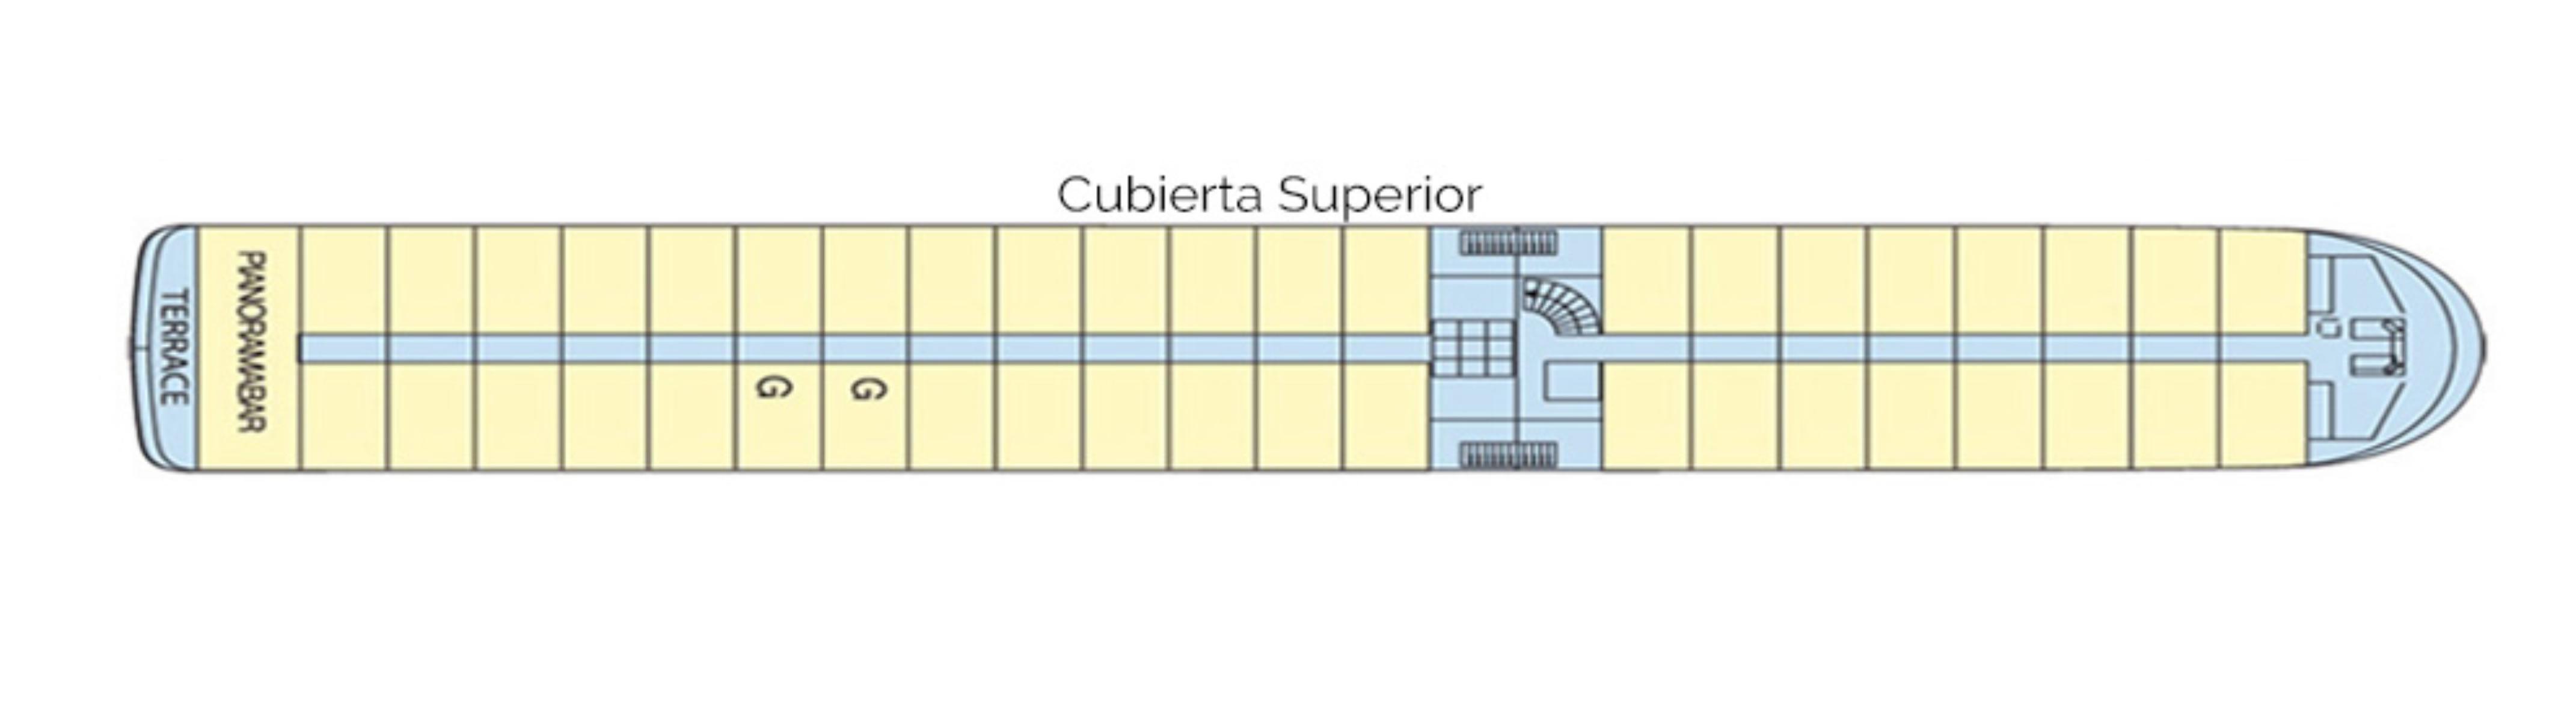 Cubierta Superior